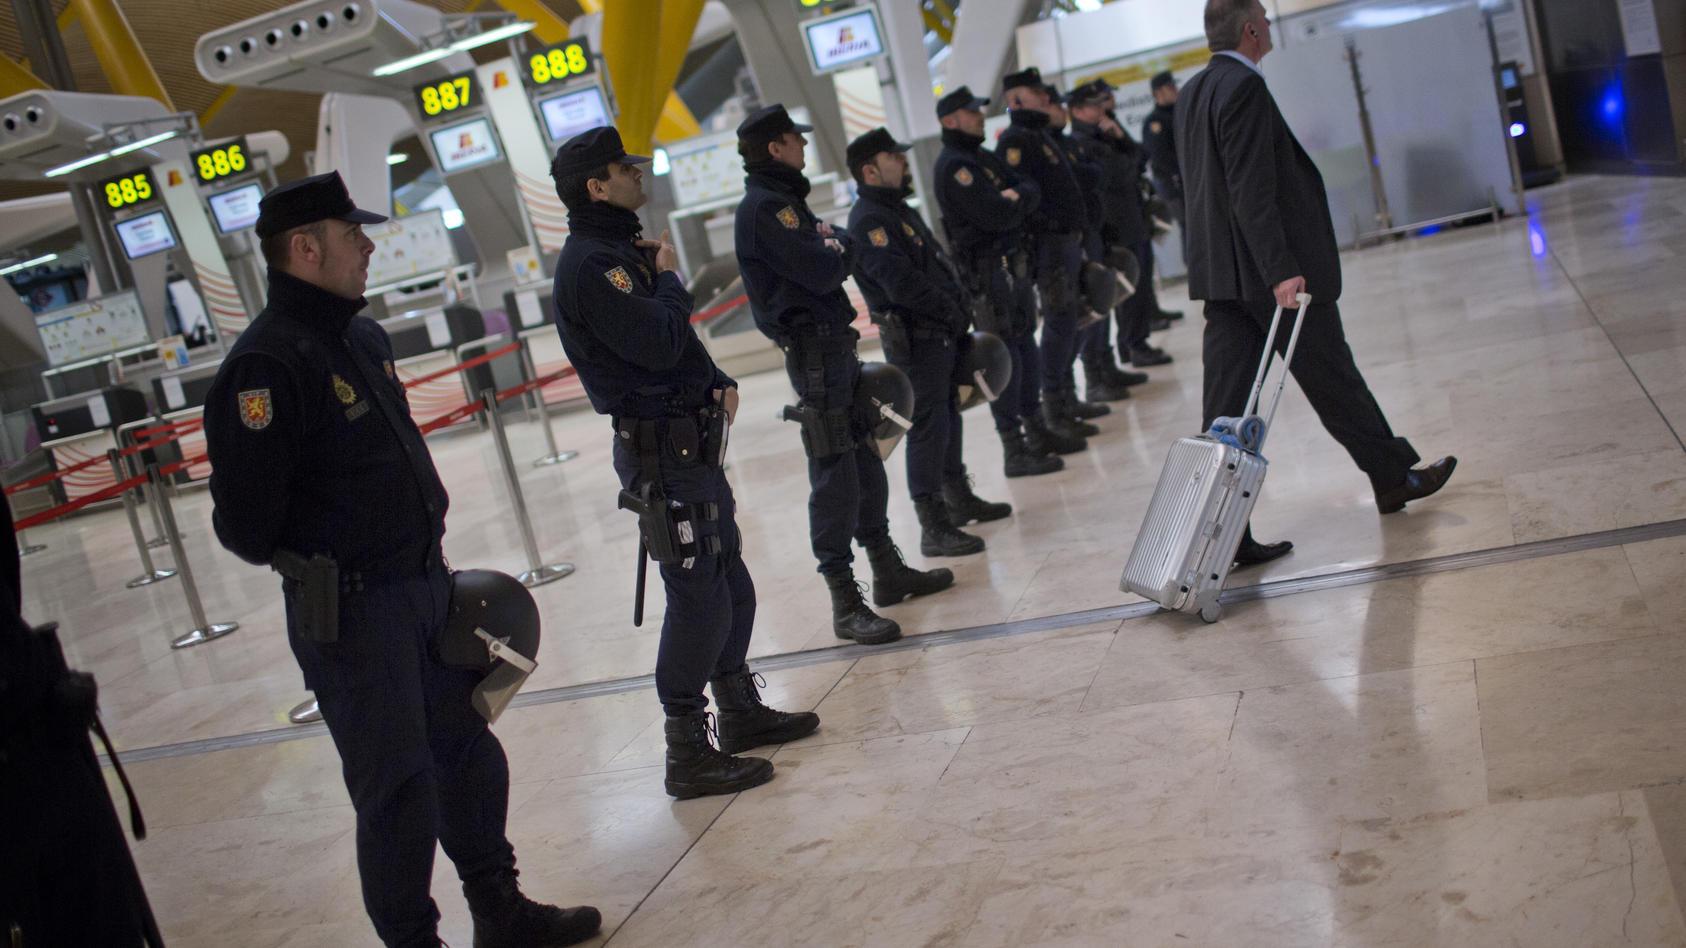 Polizei auf dem Flughafen von Madrid.